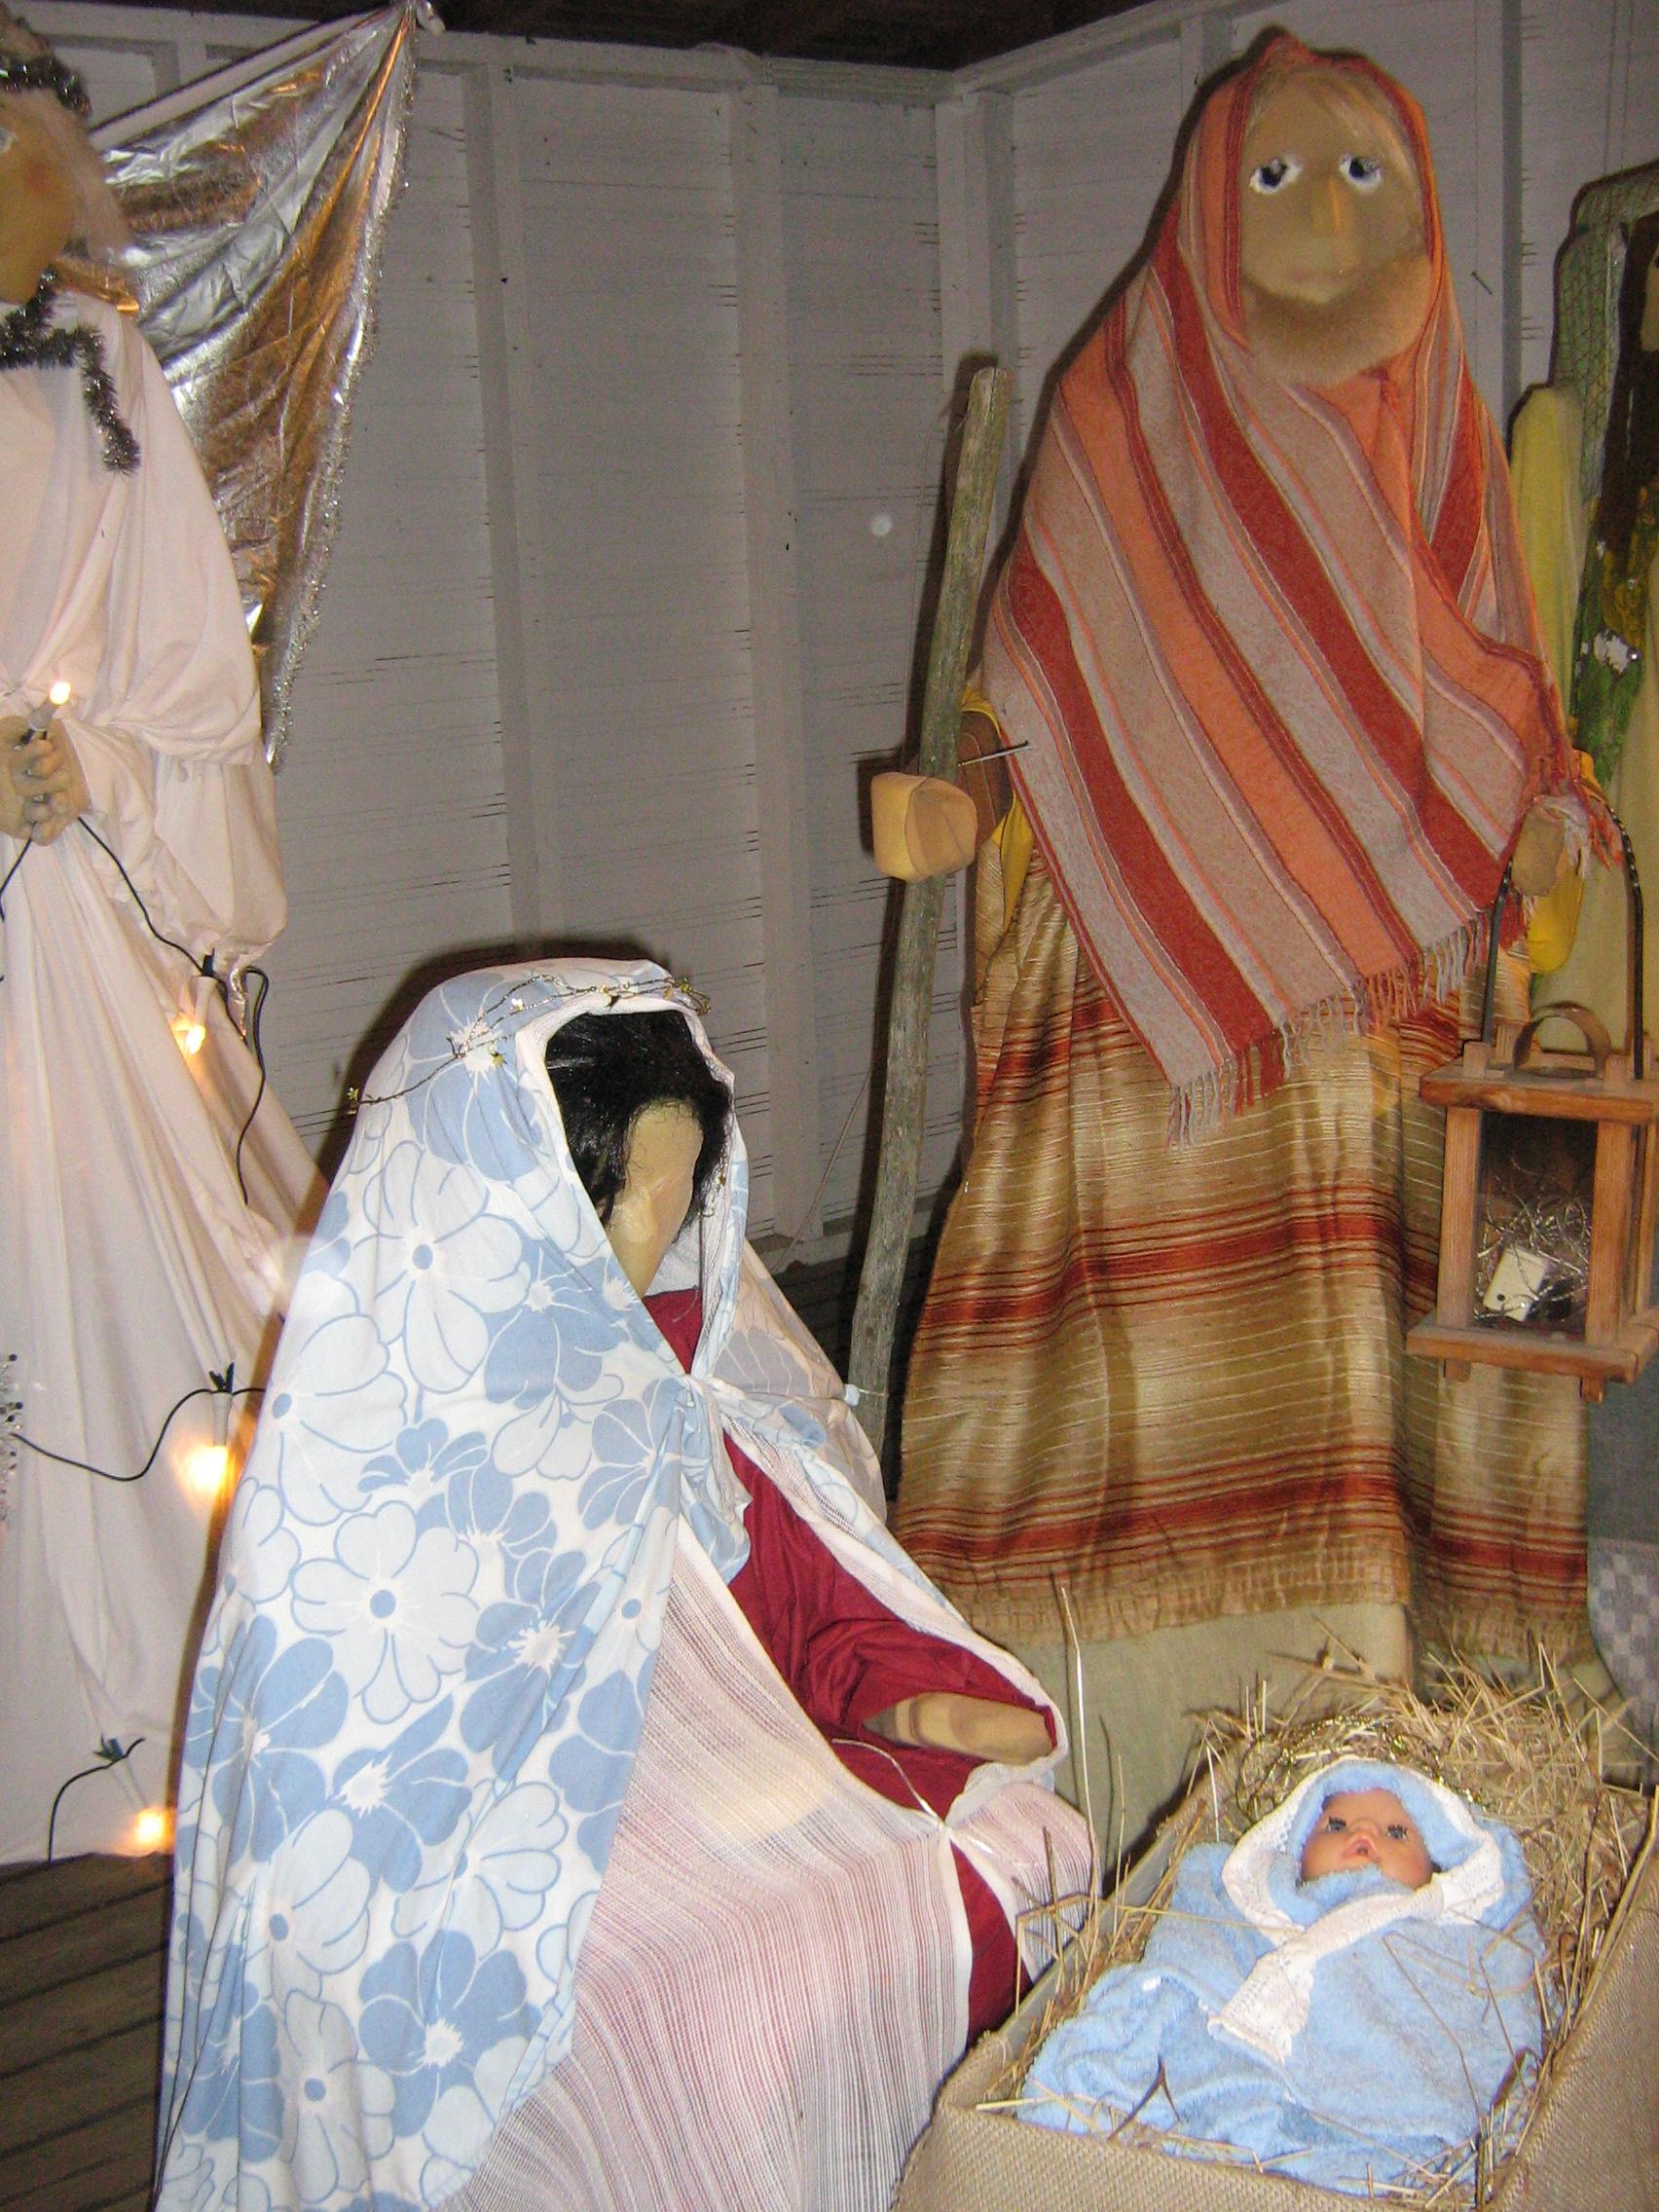 Maria, Joosef ja Jeesus-lapsi